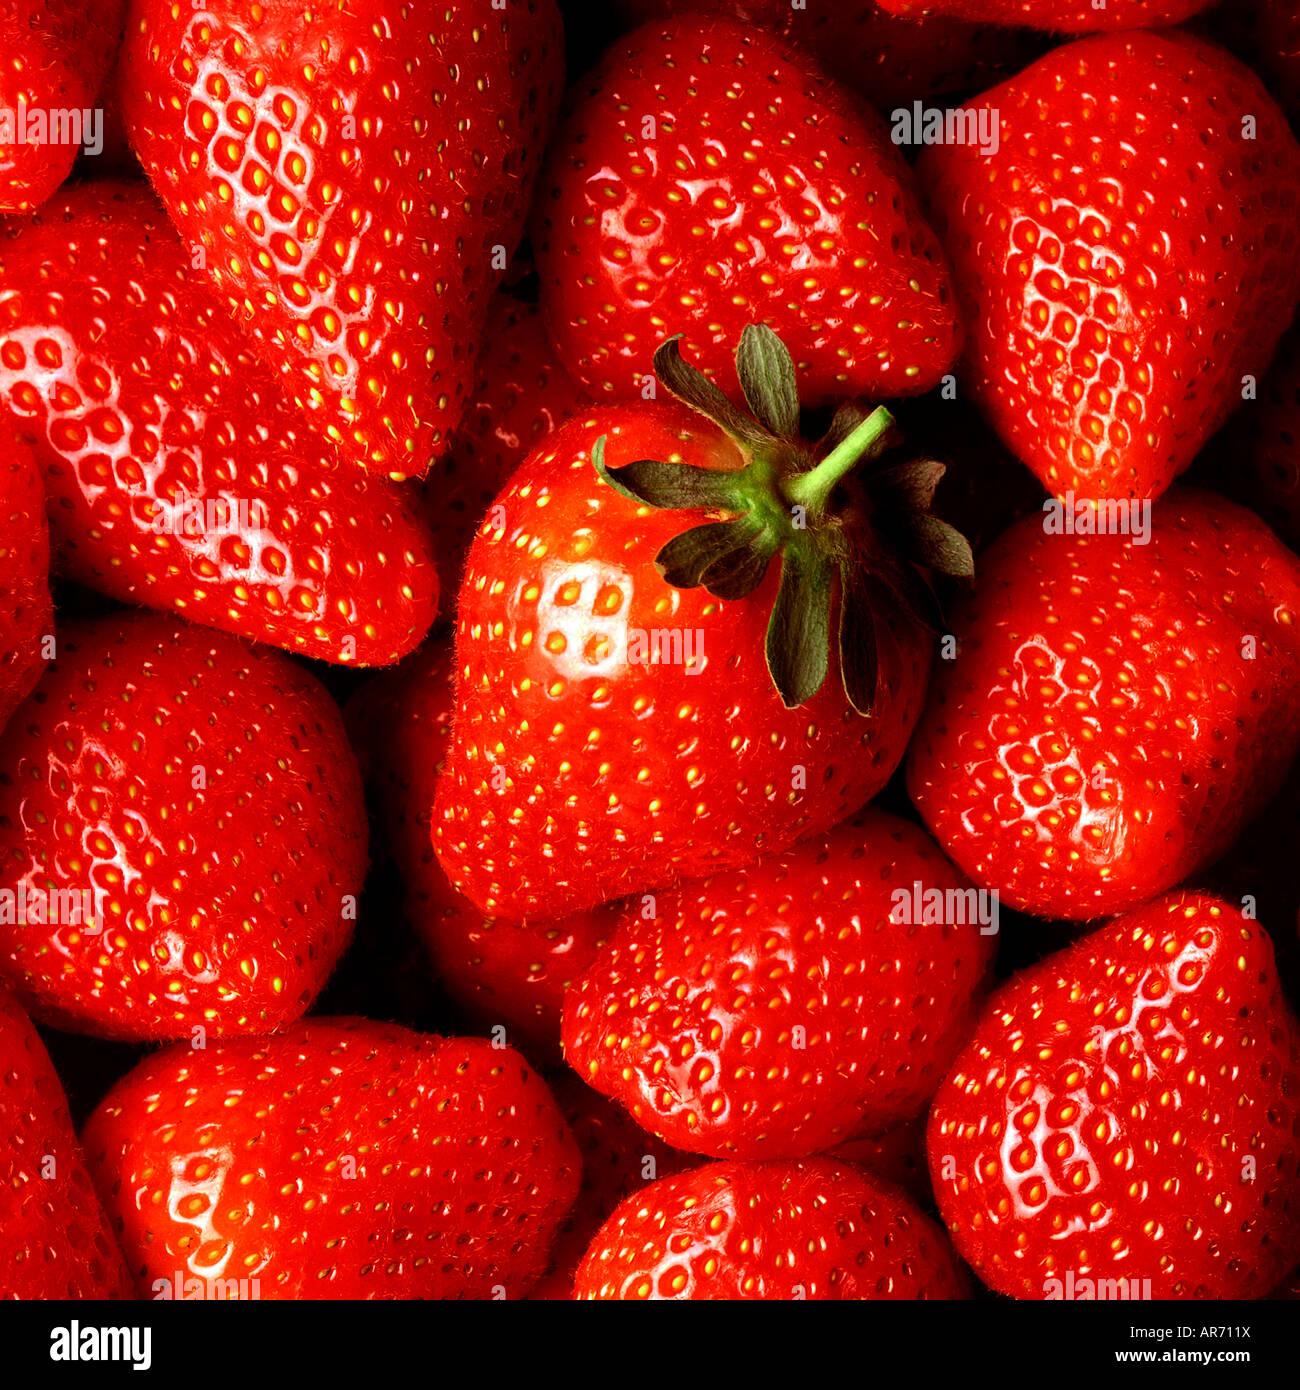 frische erdbeeren schliessen sich mit einer 39 helden 39 erdbeere in der mitte der aufnahme. Black Bedroom Furniture Sets. Home Design Ideas